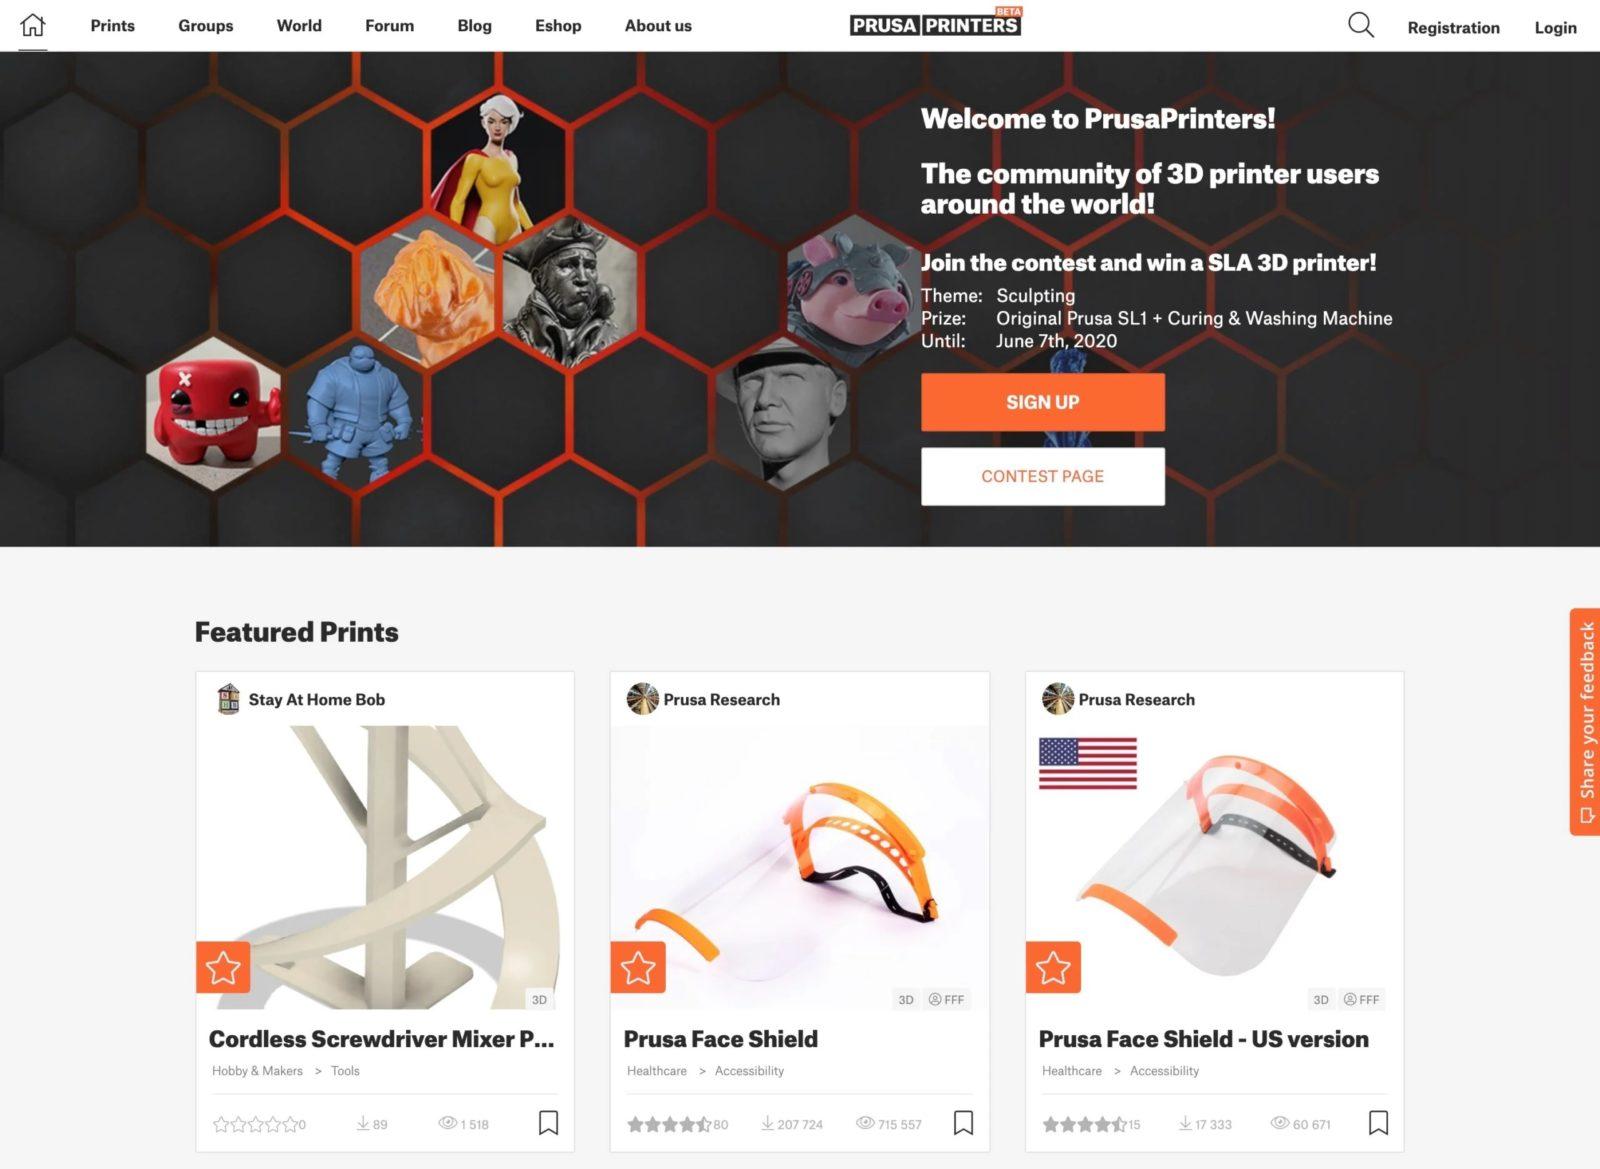 Бесплатные файлы STL, 3D-модели, файлы для 3D-принтера, 3D-модели для 3D-печати: PrusaPrinters